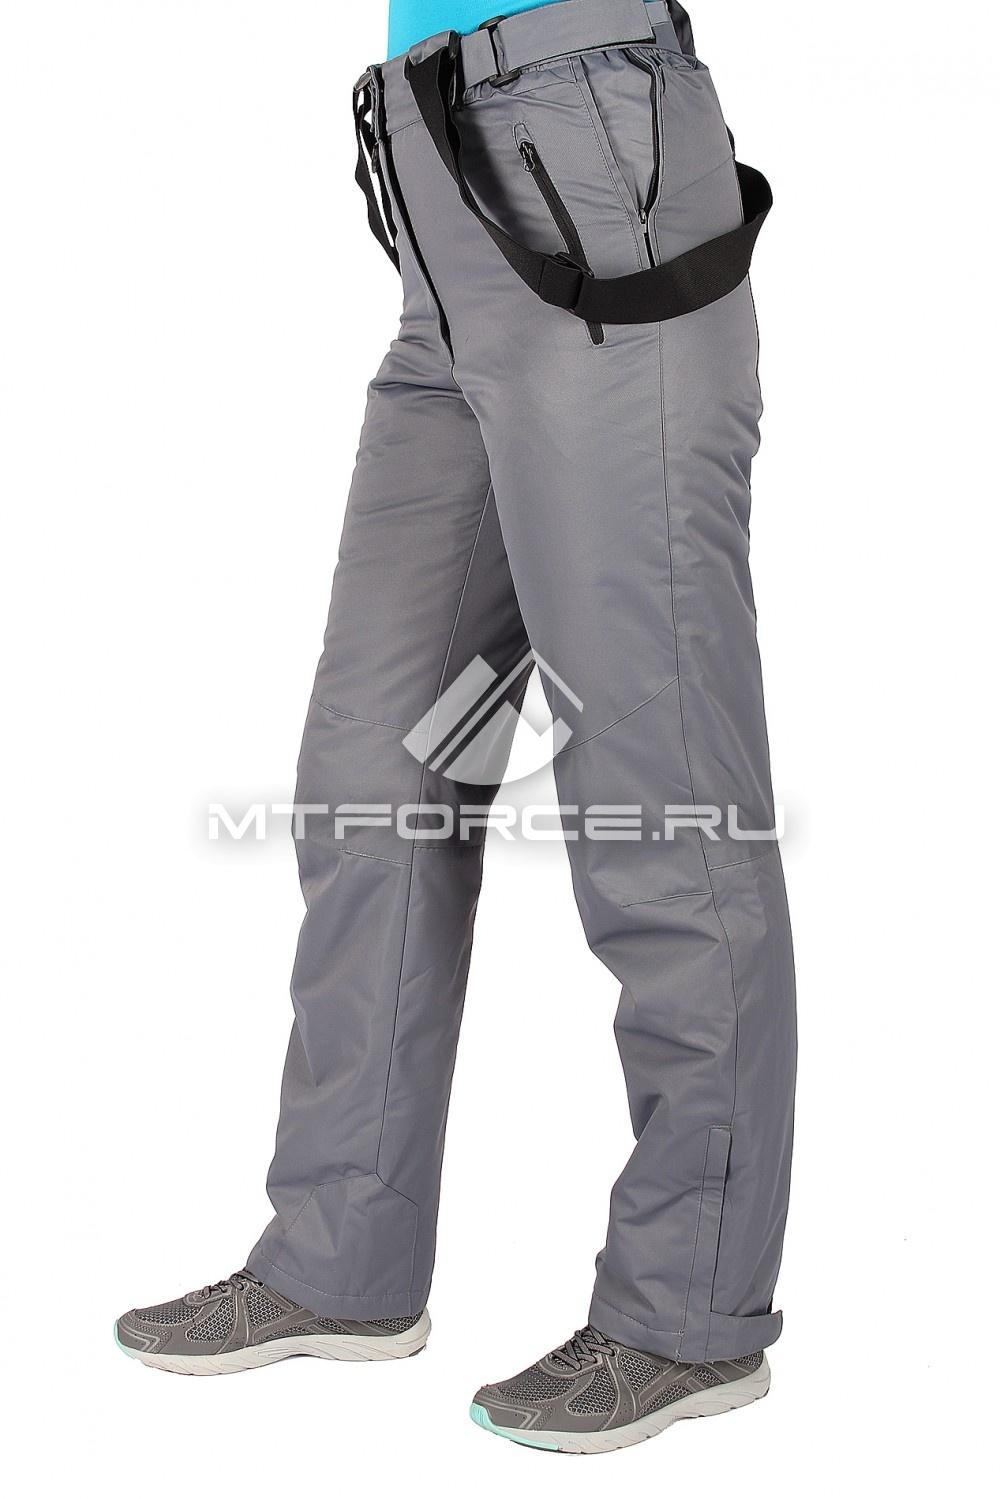 Купить  оптом Брюки горнолыжные женские серого цвета 15326Sr в Санкт-Петербурге